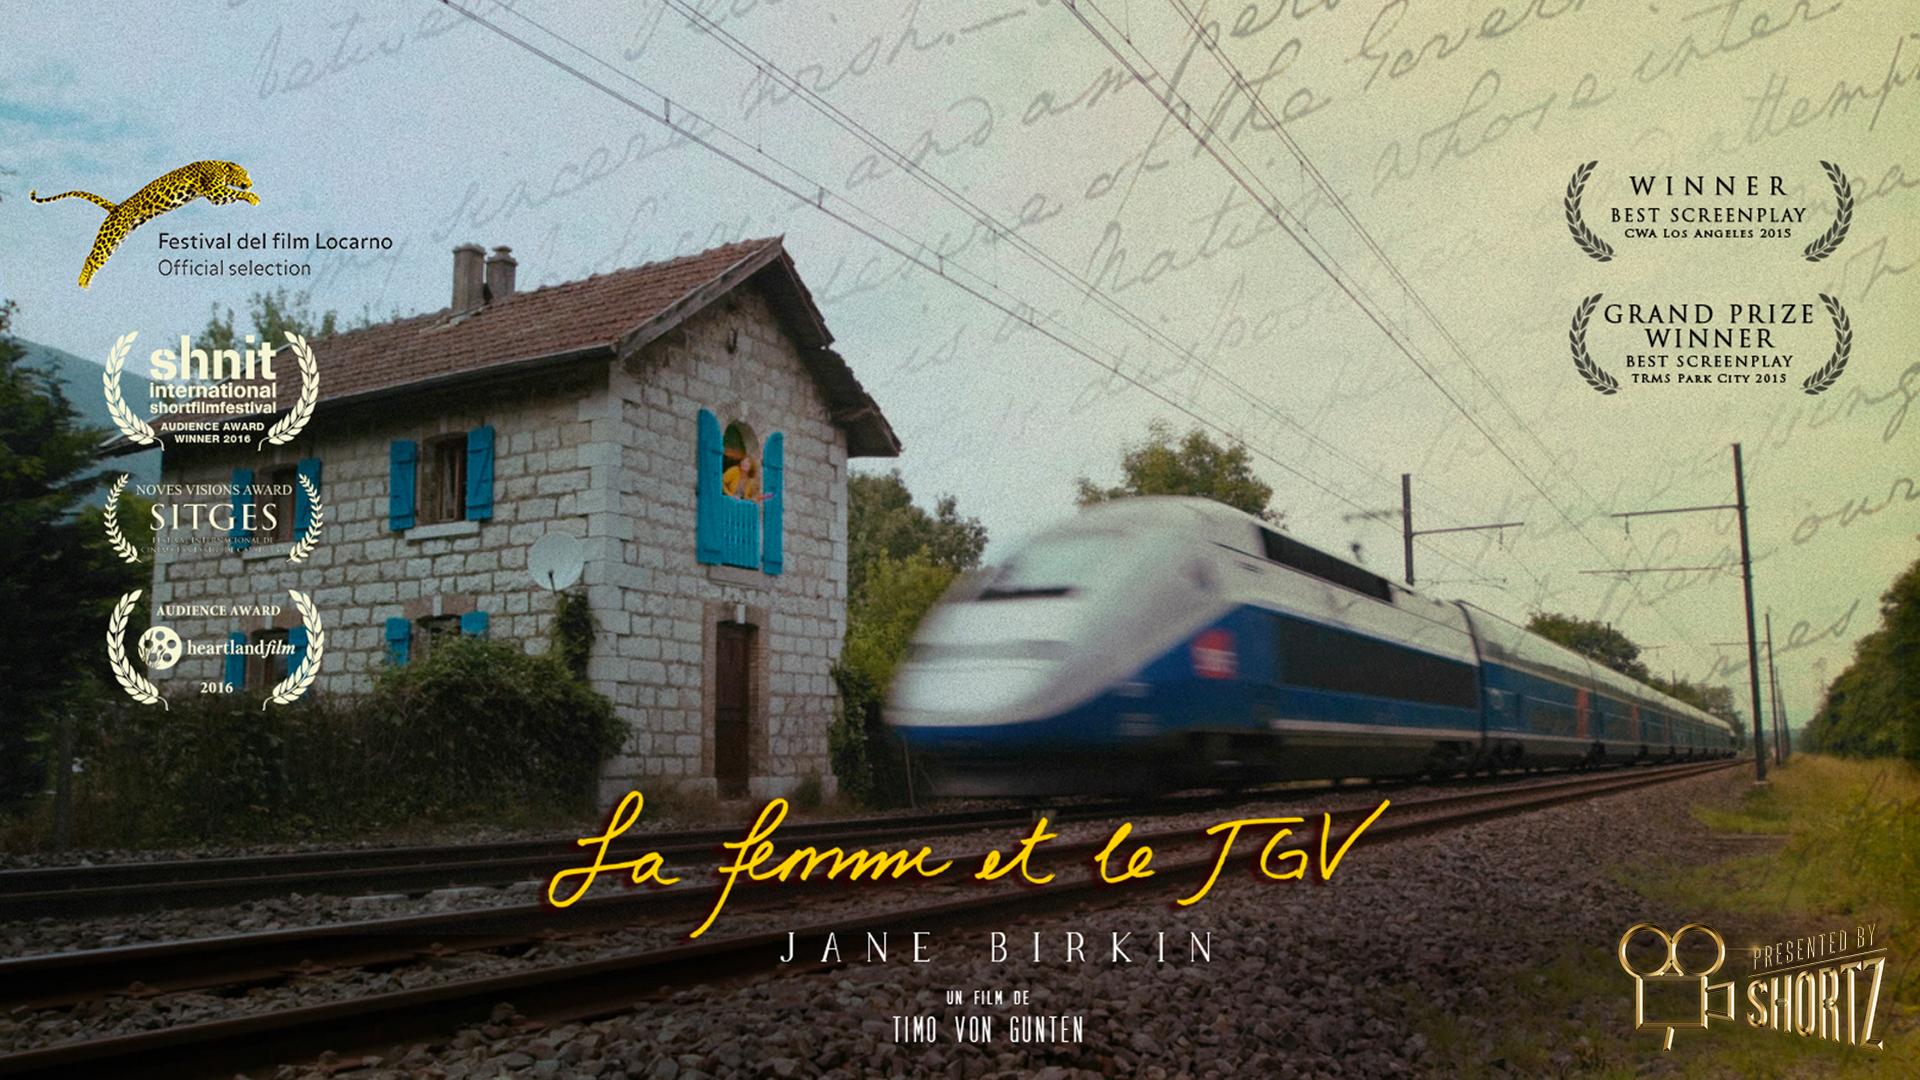 彼女とTGV (La Femme et le TGV) - Presented by Shortz